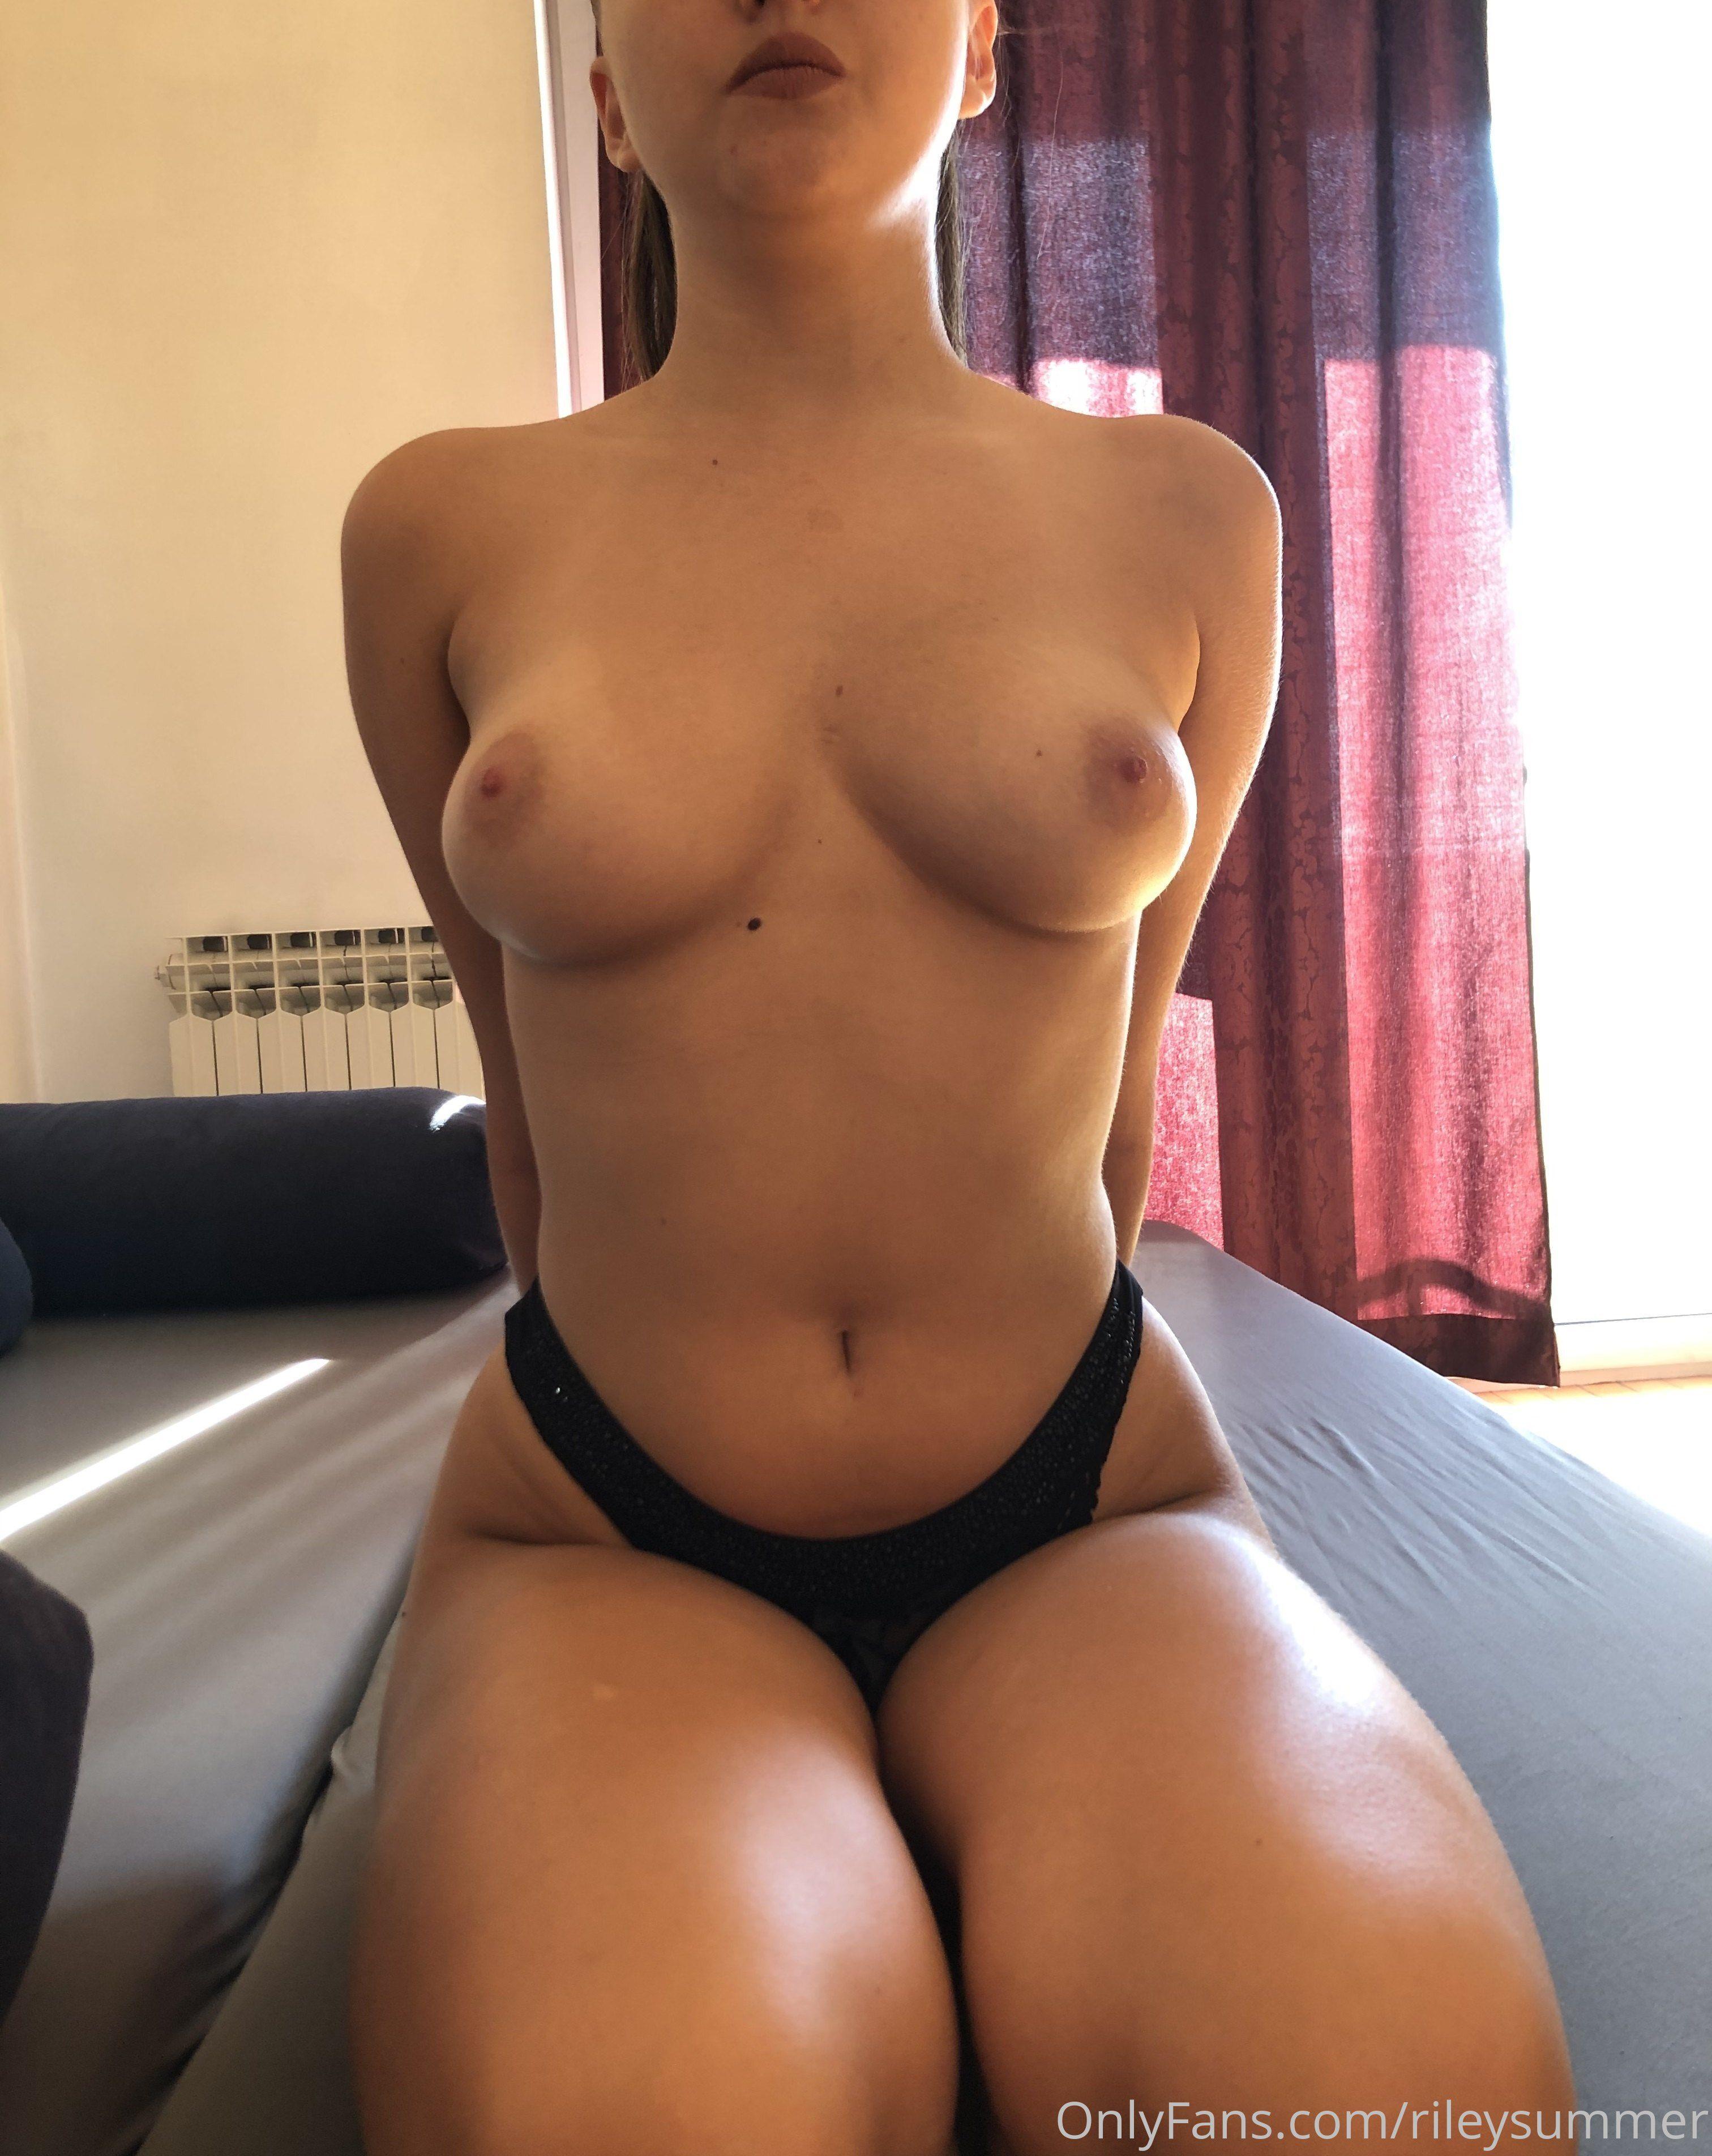 Rileysummer Nude Onlyfans Leaked 0068